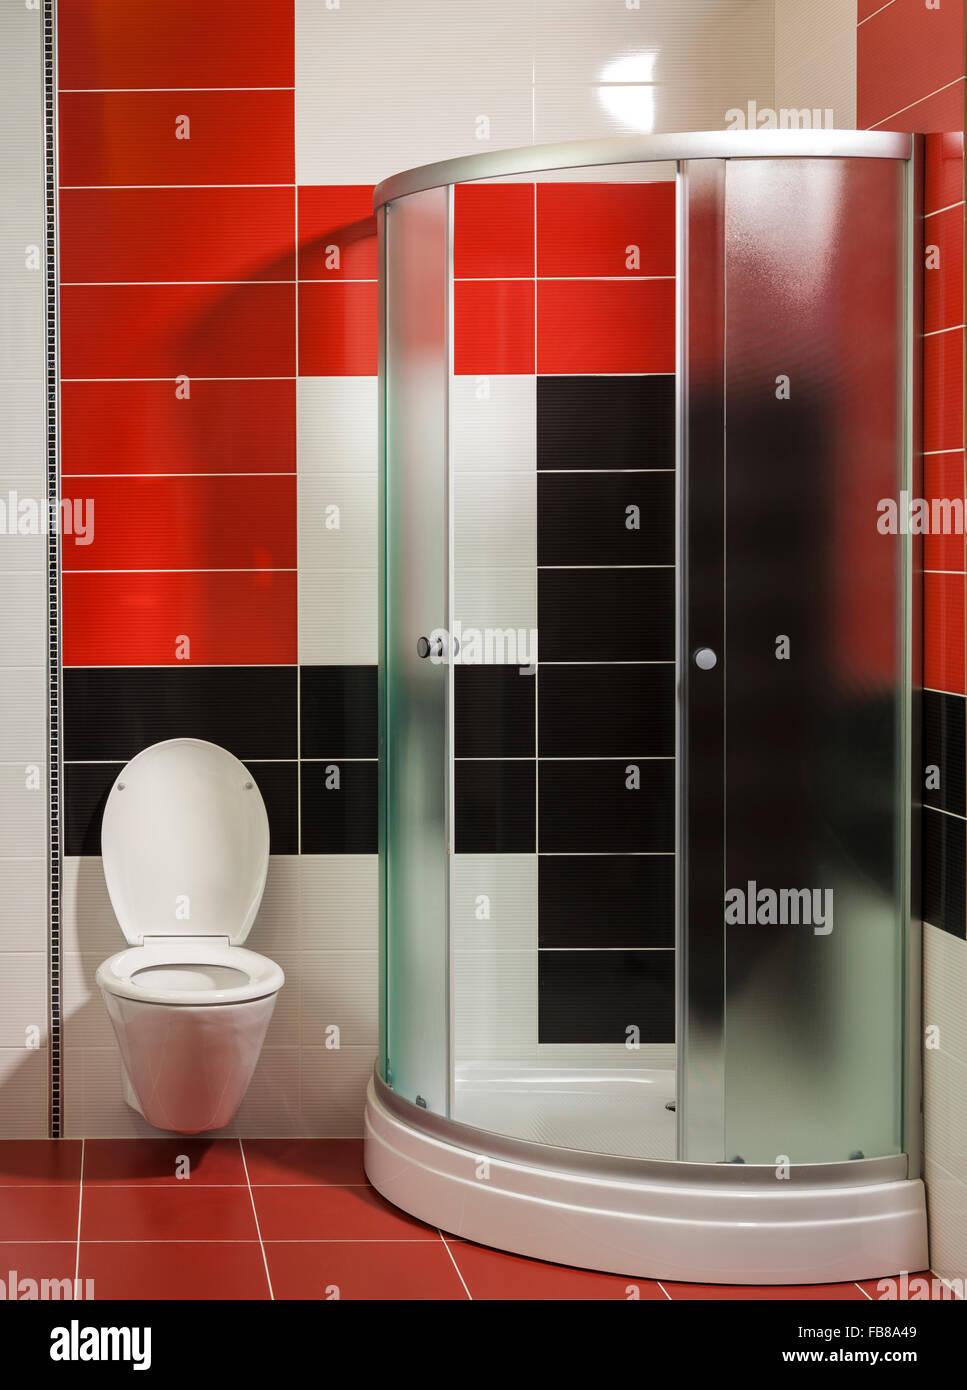 Modernes Badezimmer Mit Dusche Und Stilvollen Fliesen Stockbild